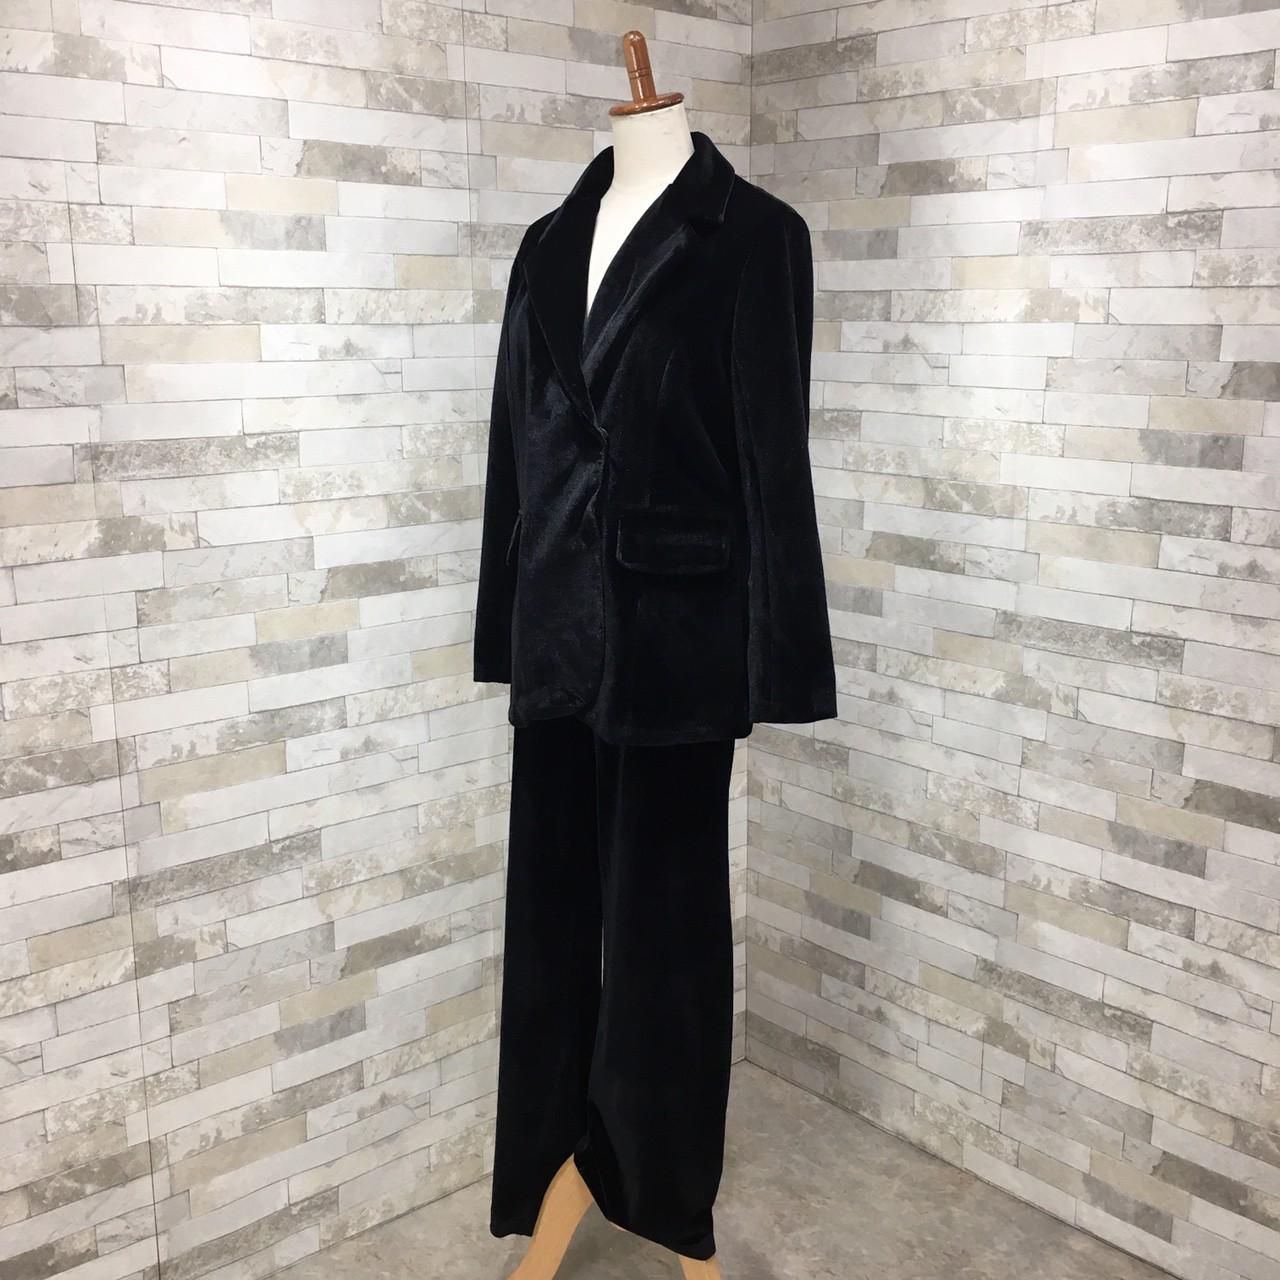 【即納】韓国 ファッション パンツ セットアップ パーティードレス 結婚式 お呼ばれドレス 秋 冬 パーティー ブライダル SPTXH554  起毛 ドレープ テーラードジャ 二次会 セレブ きれいめの写真6枚目